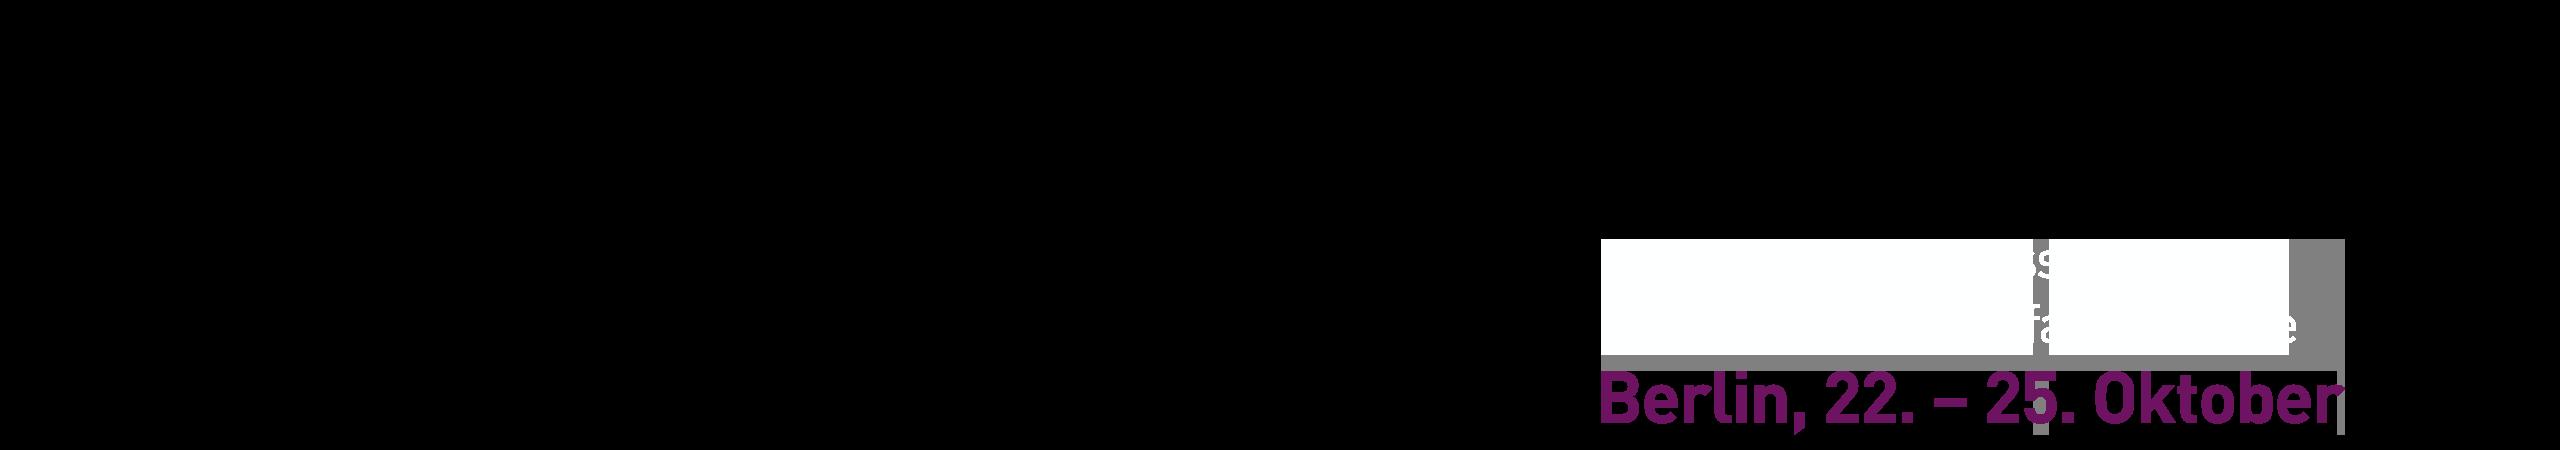 DKOU2019 Start Datum